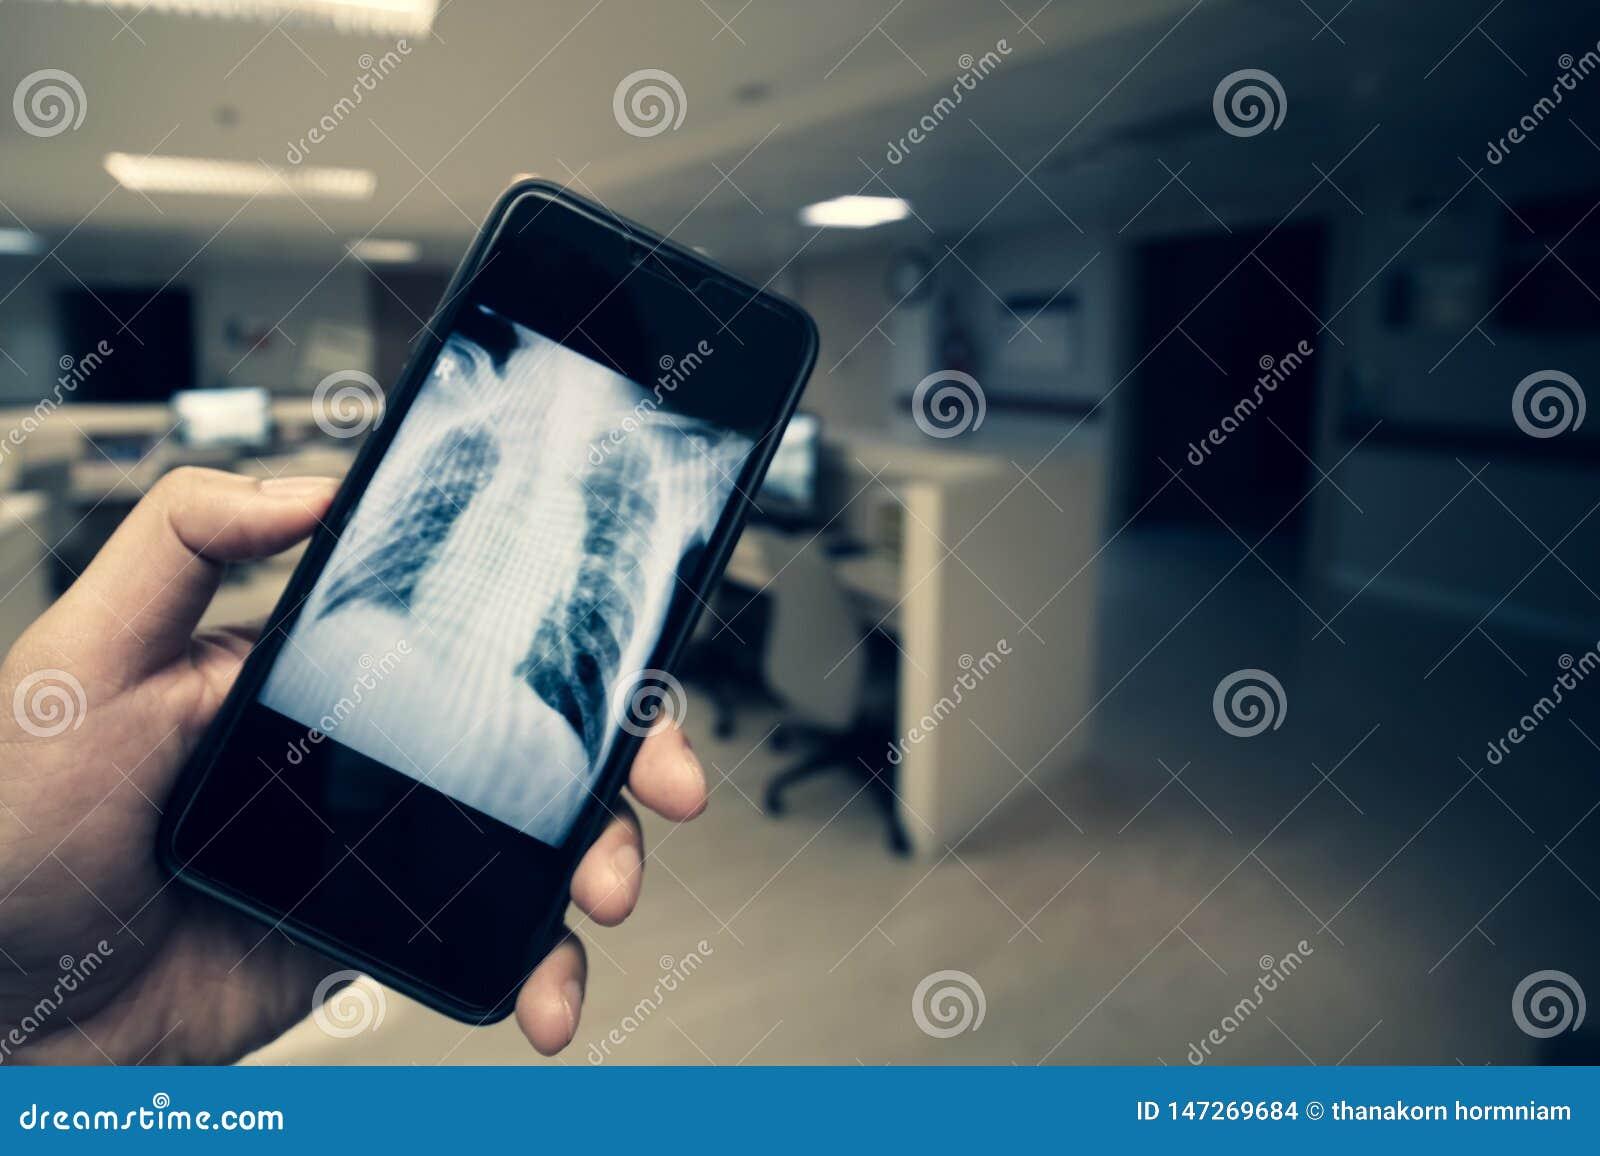 Läkarundersökning och Smartphone